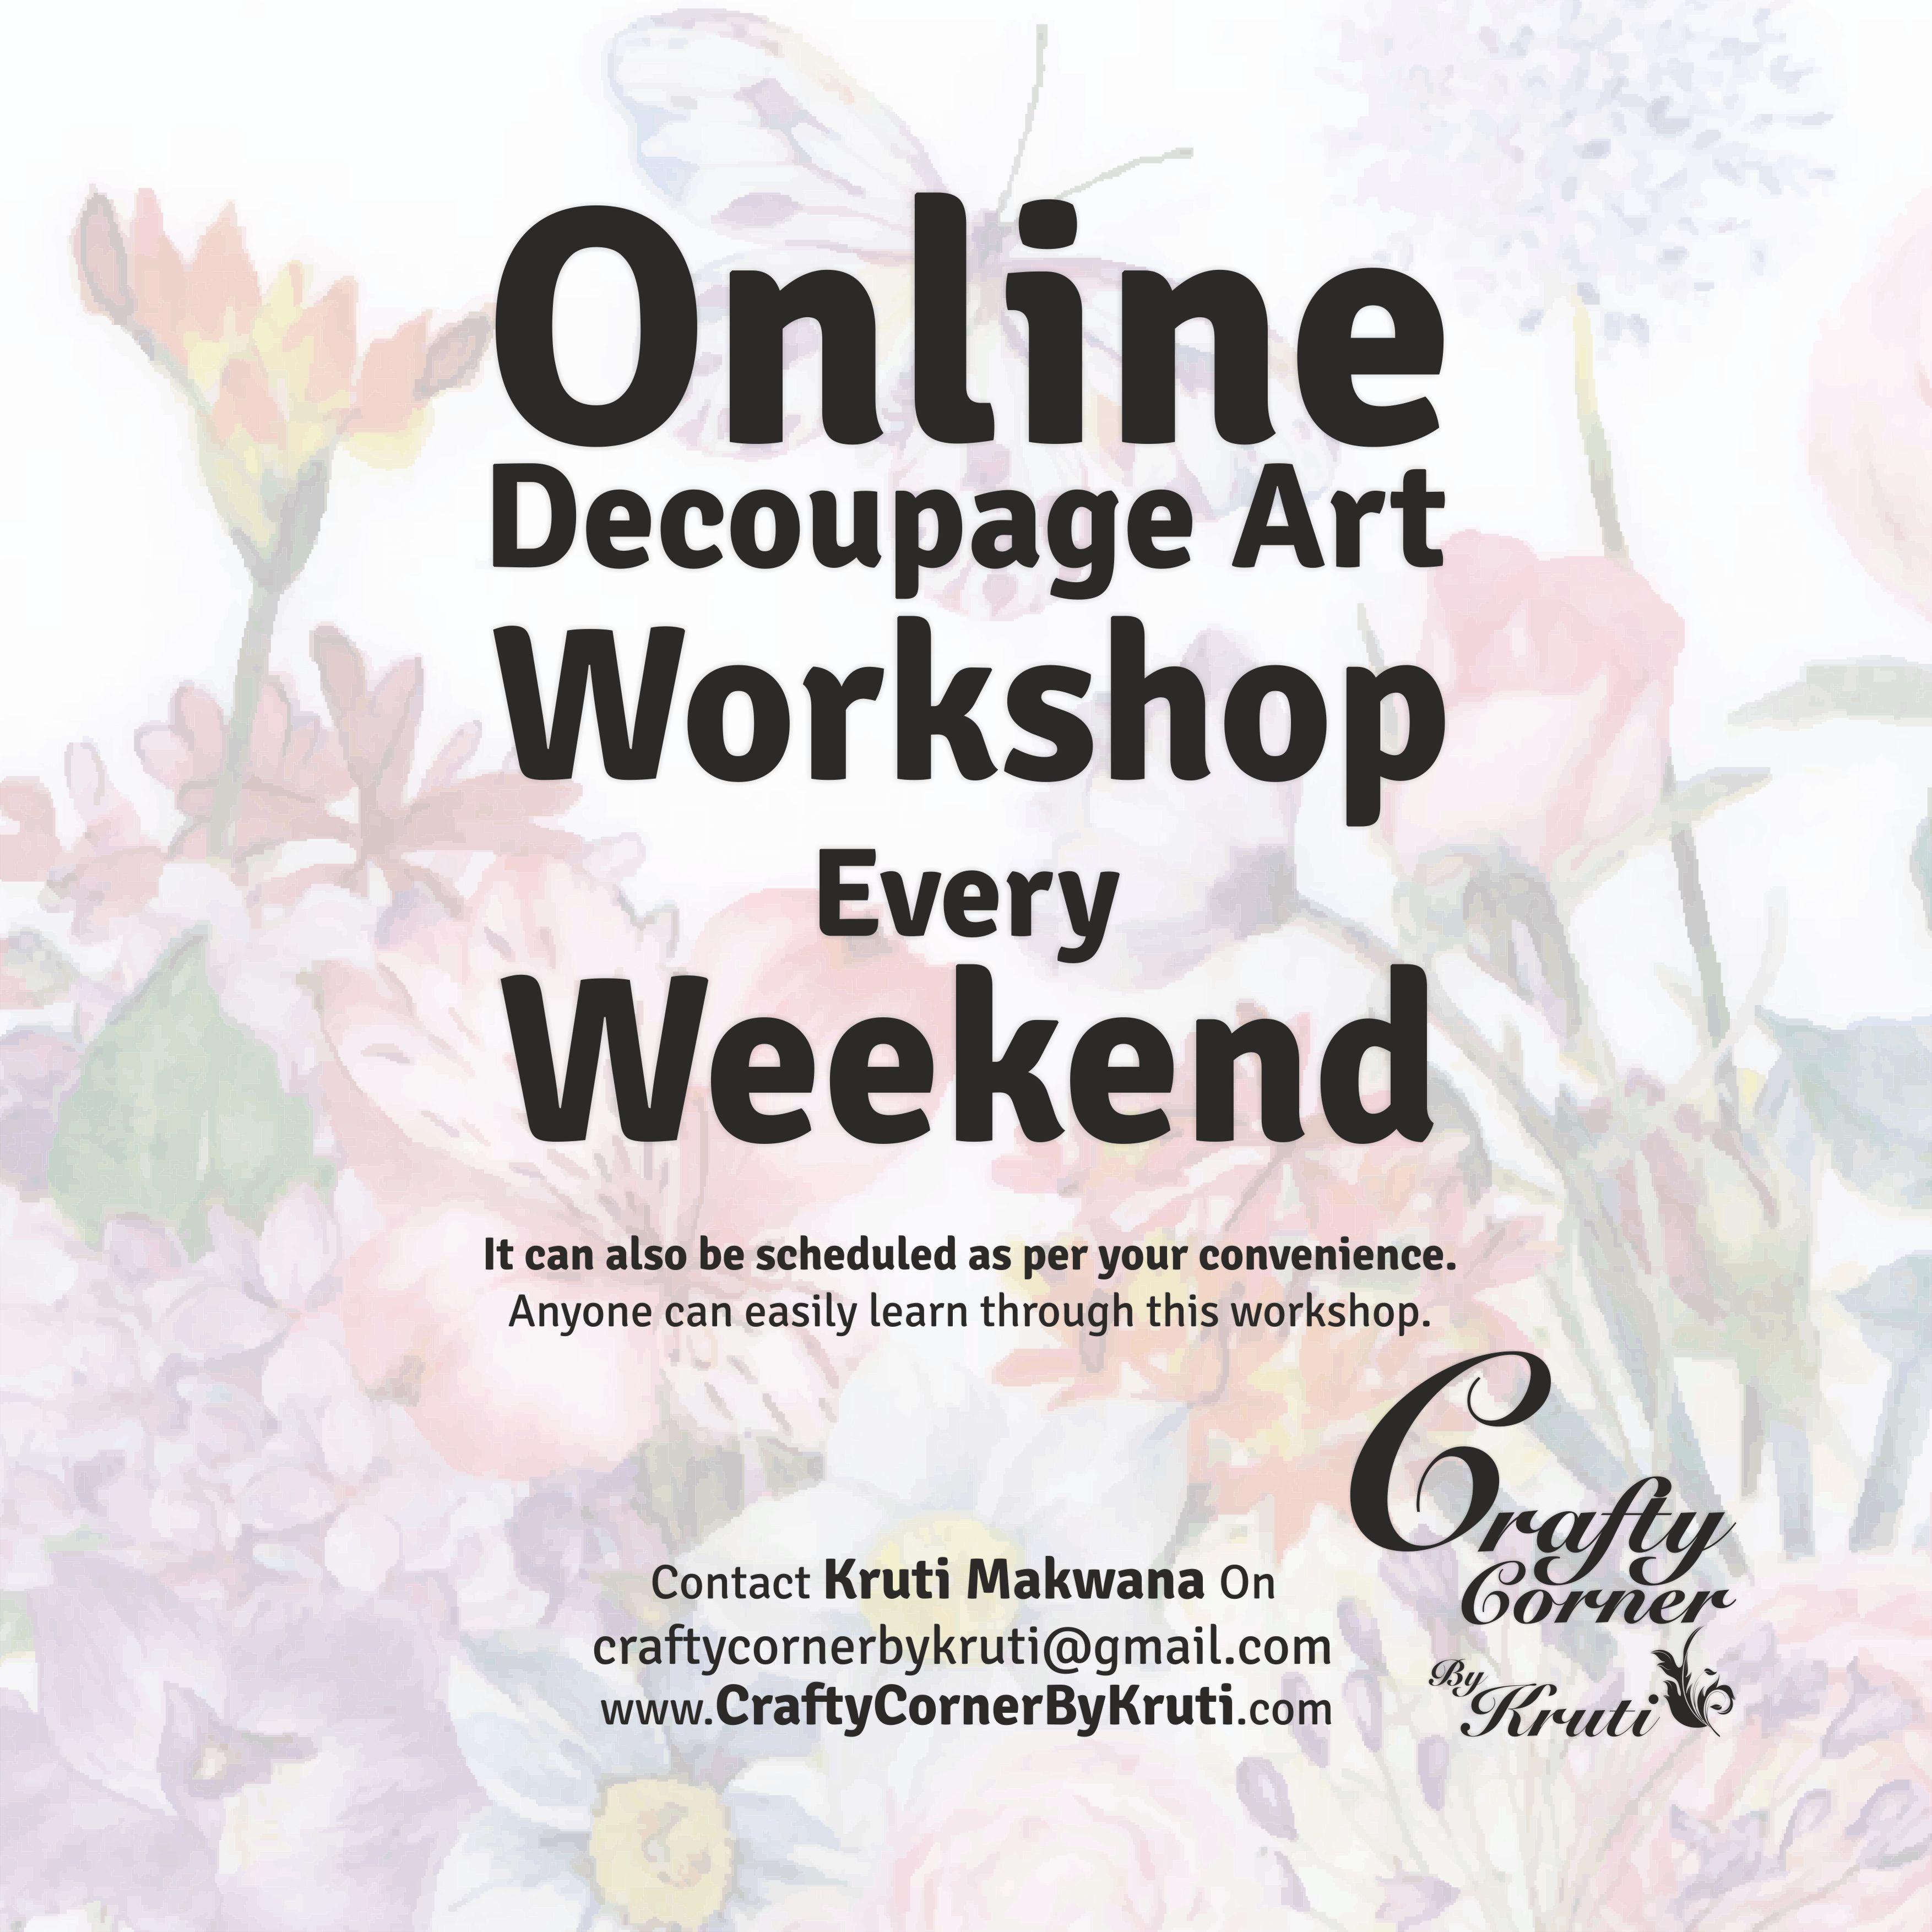 Online Decoupage Art Workshop